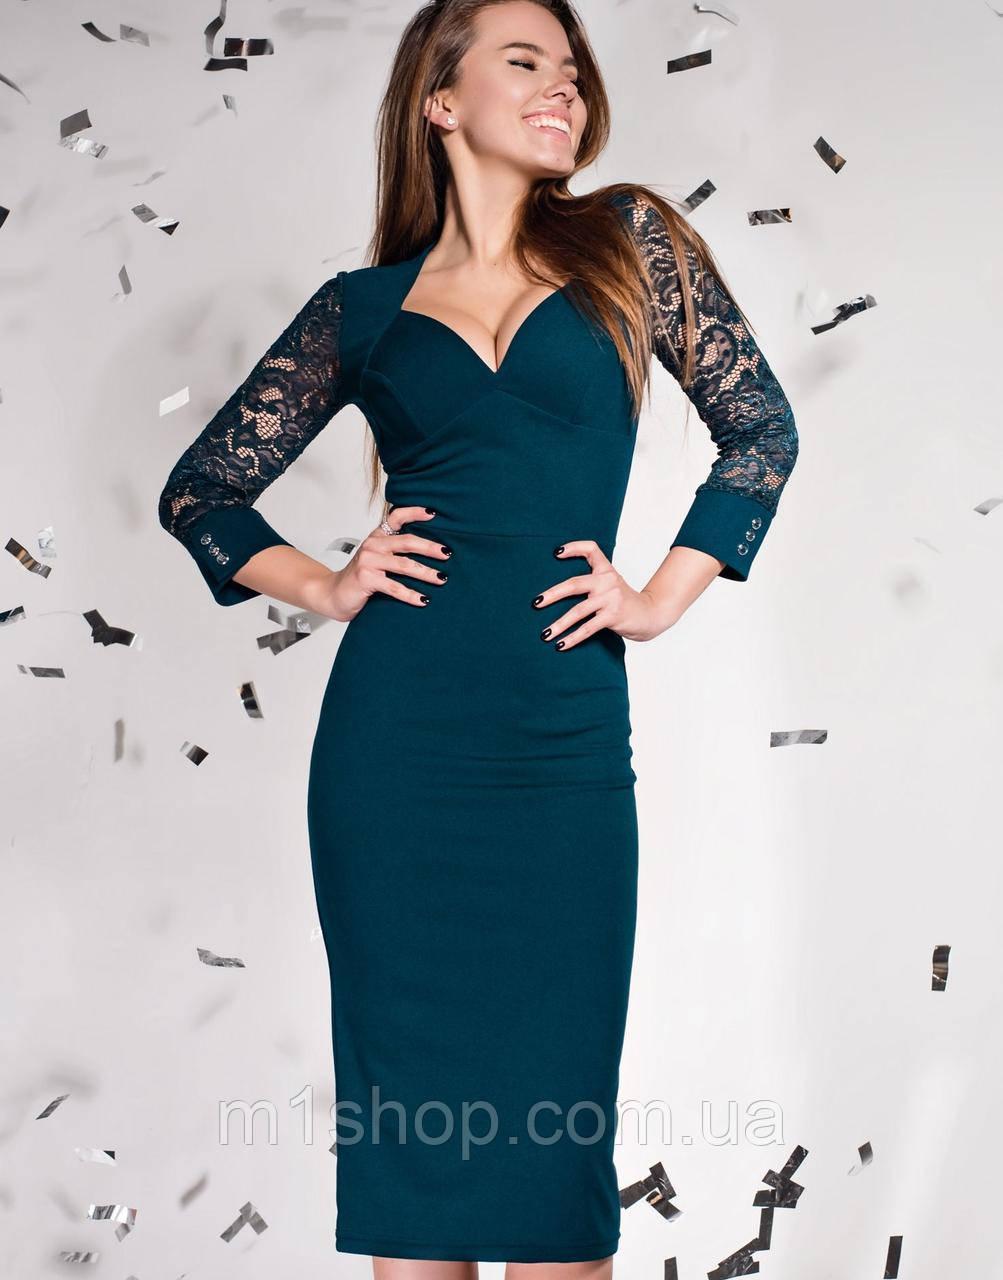 Женское облегающее платье с глубоким декольте (Лазури jd)